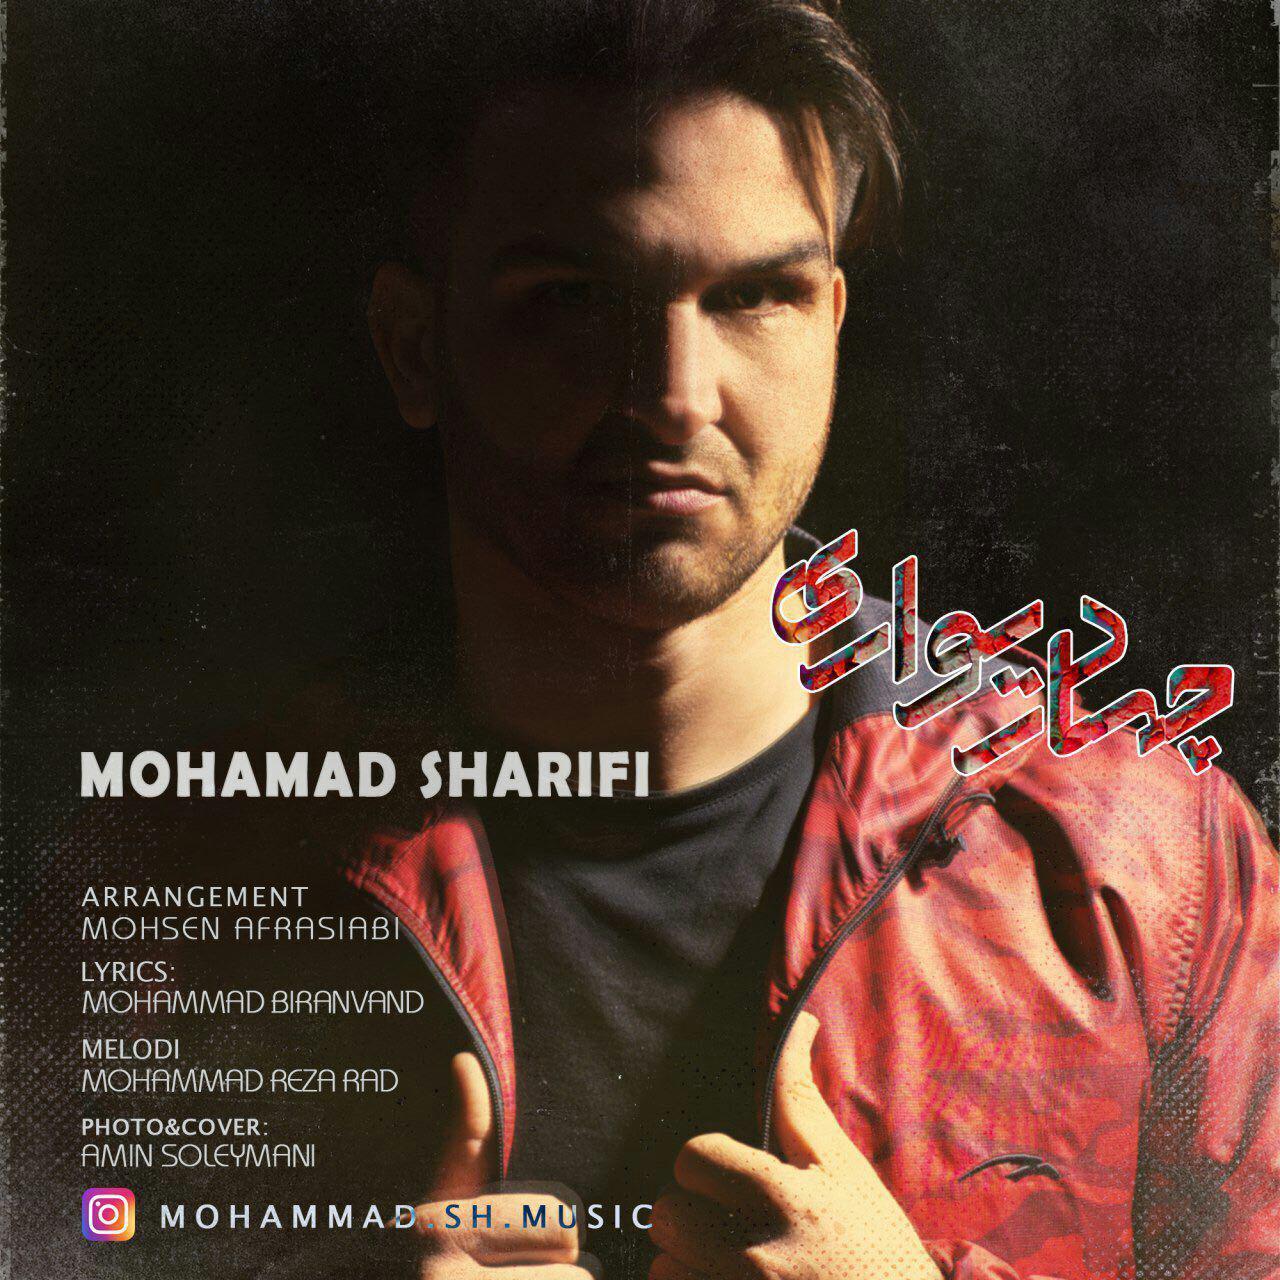 محمد شریفی به نام چهار دیواری